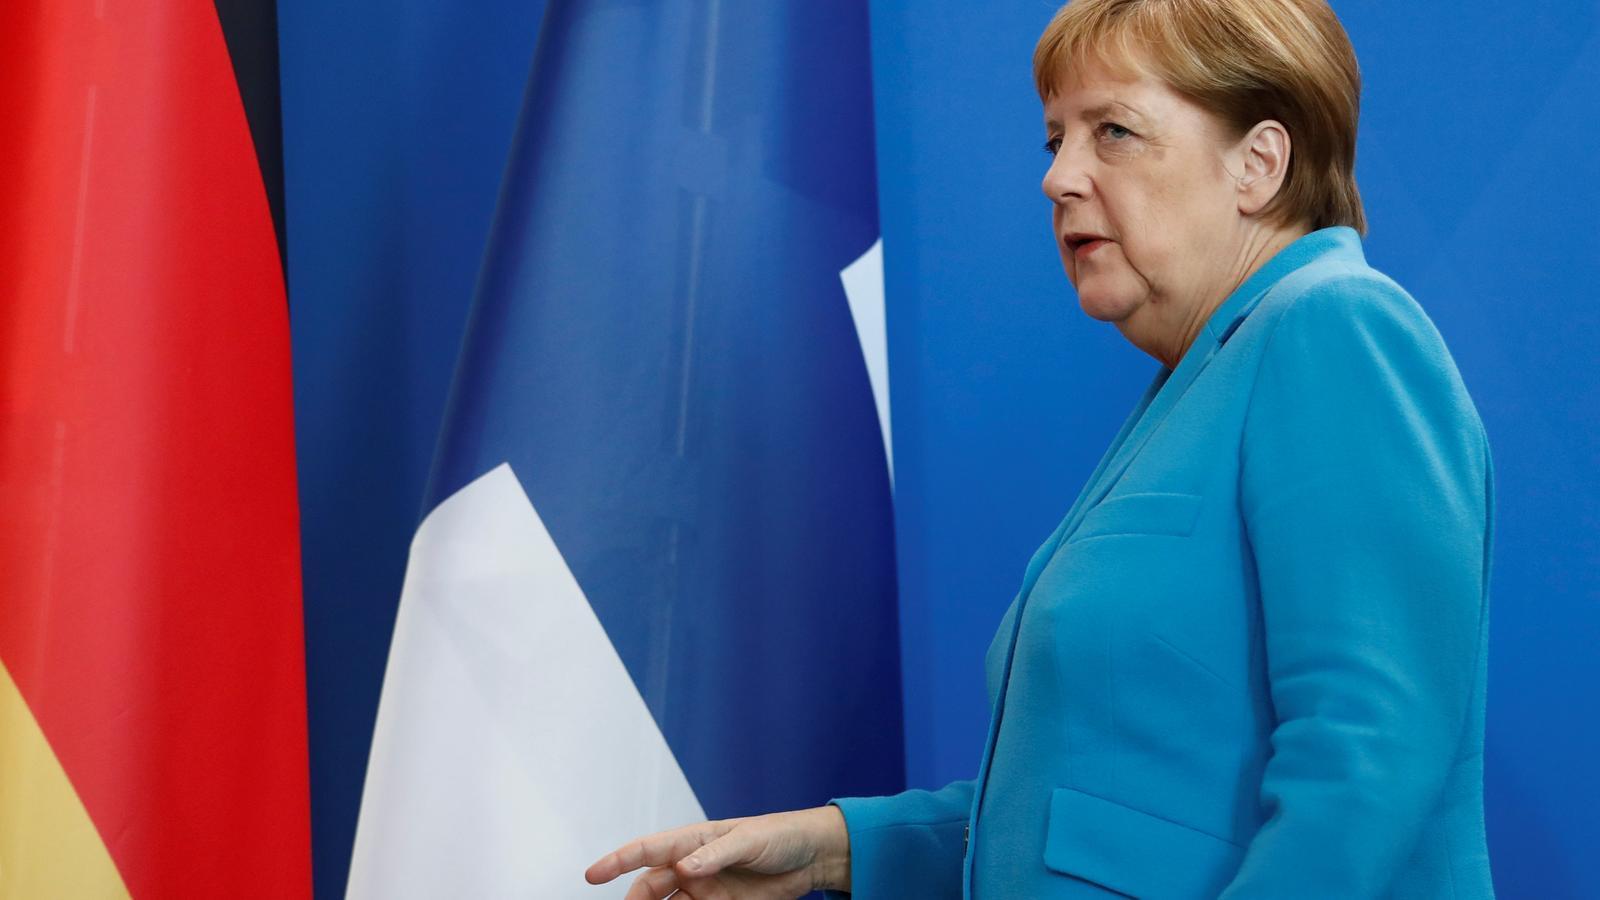 Hermetisme oficial al voltant dels tremolors de Merkel